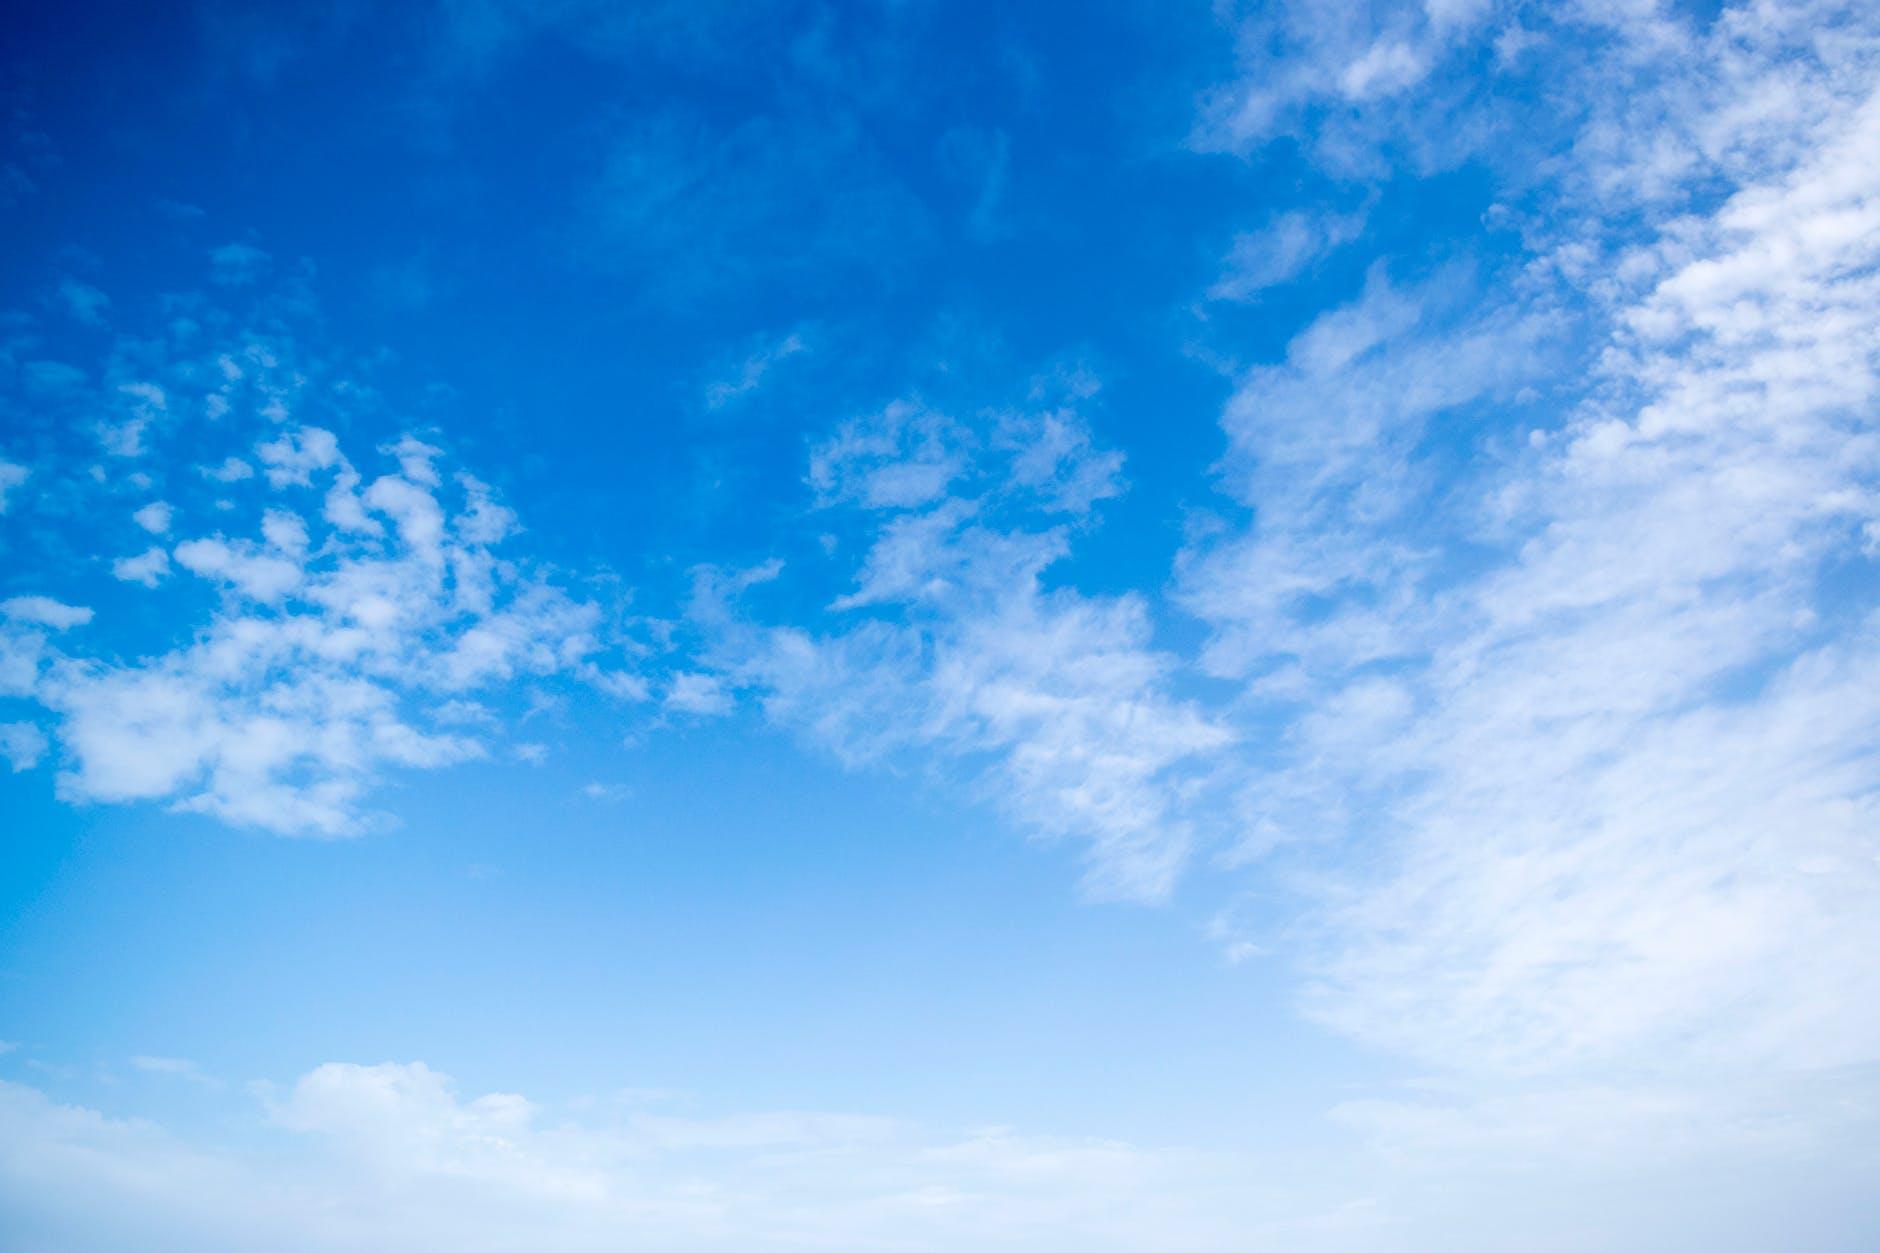 怎样快速使用ps给风景照片换天空